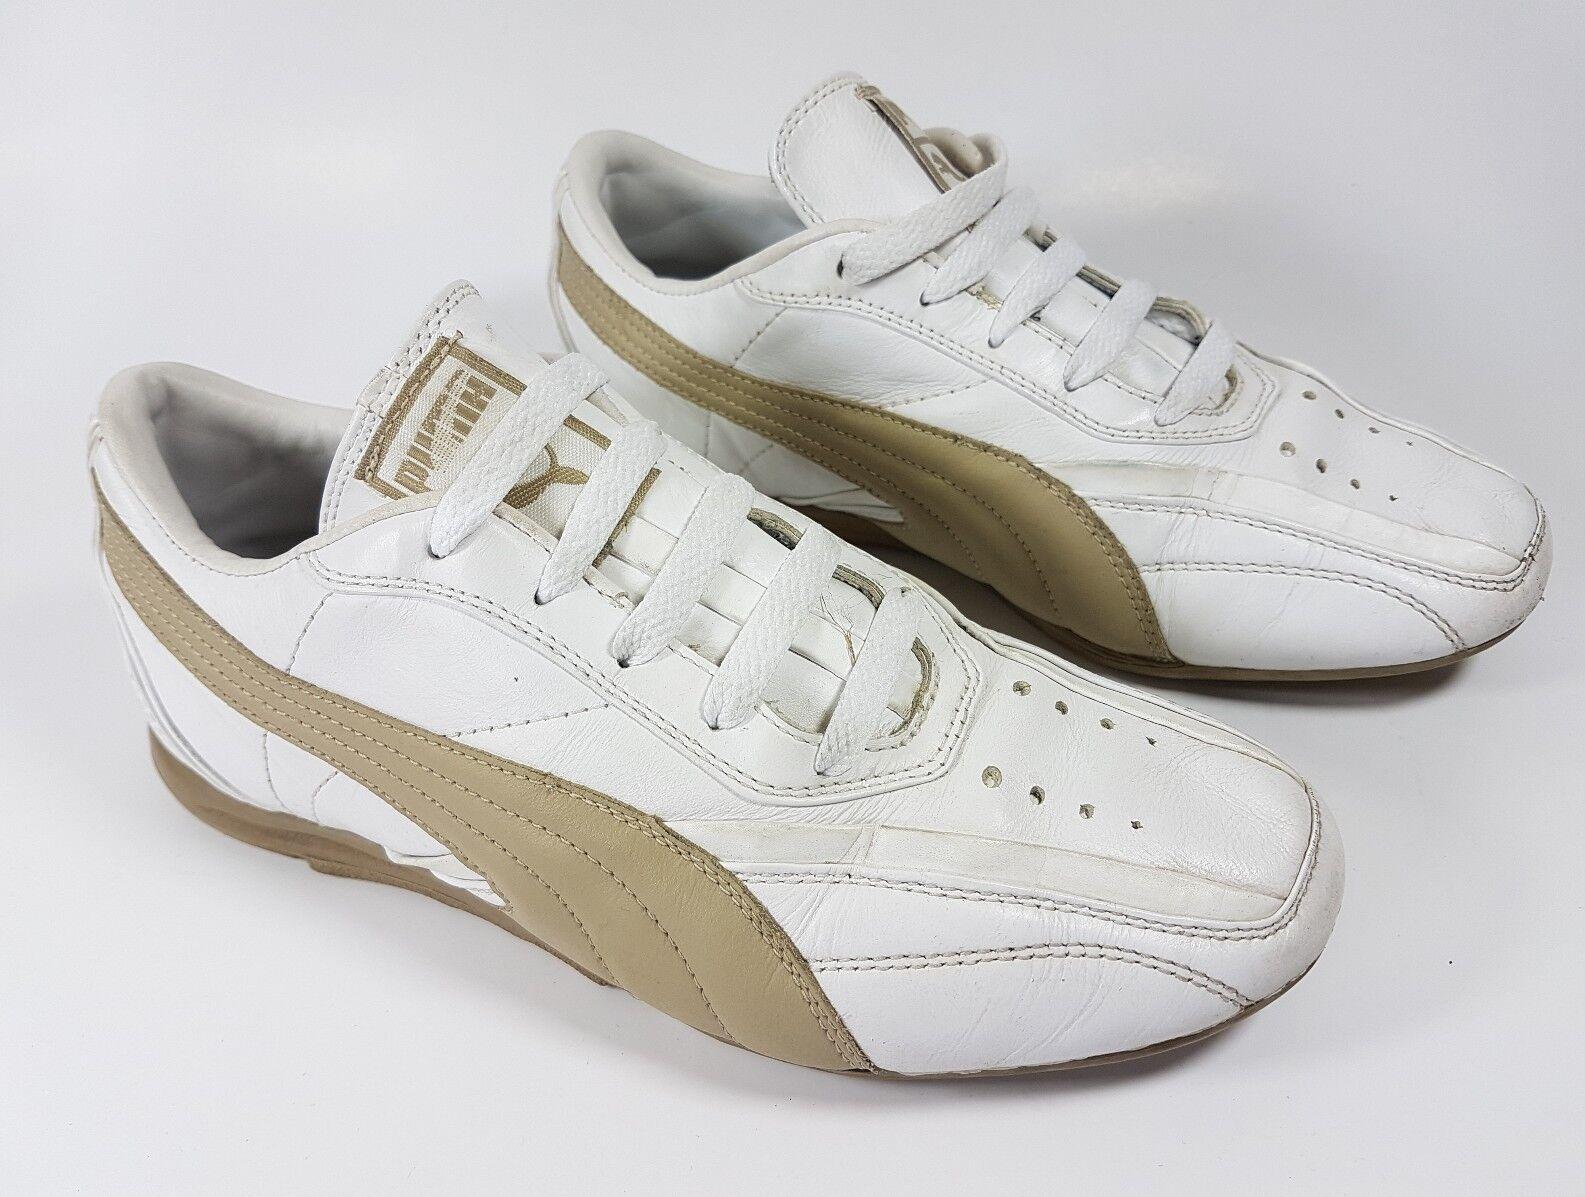 Puma en Cuir Blanc Baskets UK 4.5 EU 37.5